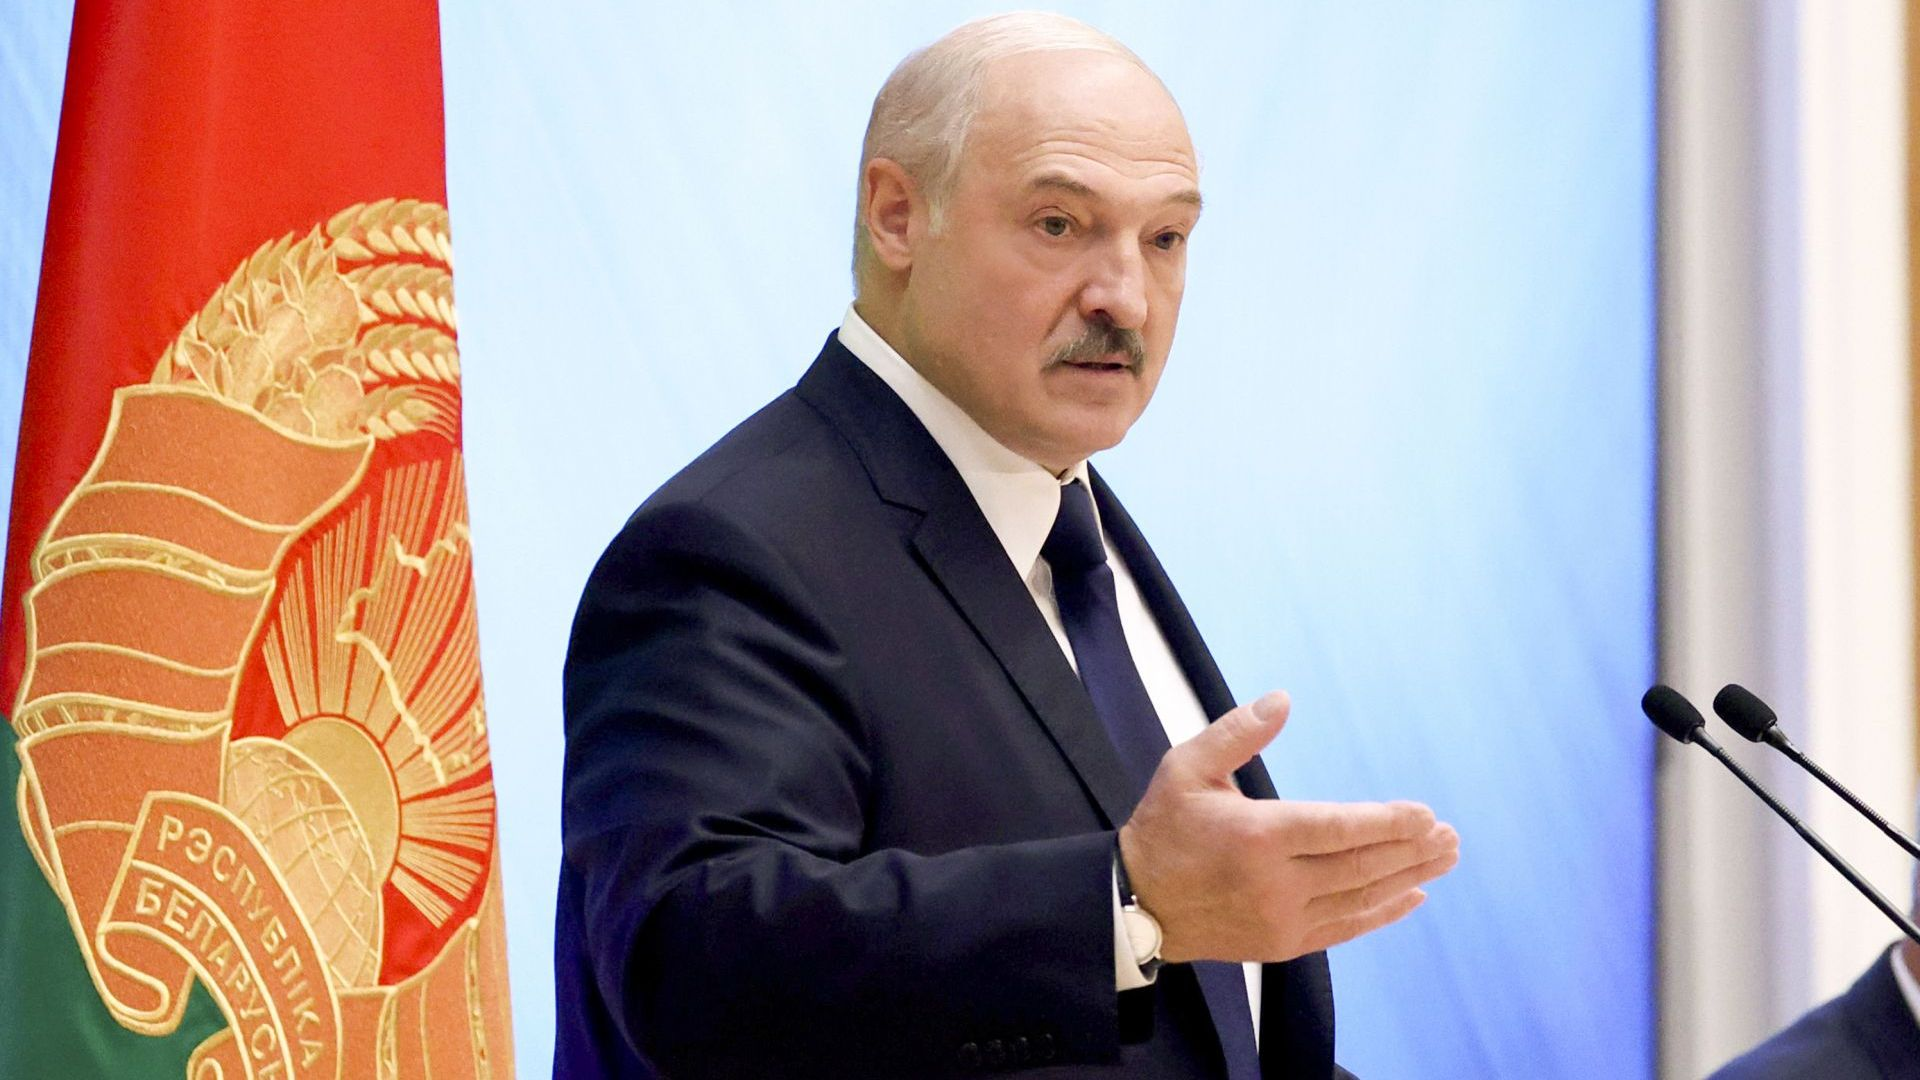 Европарламентът няма да признава Лукашенко за президент след изтичане на мандата му